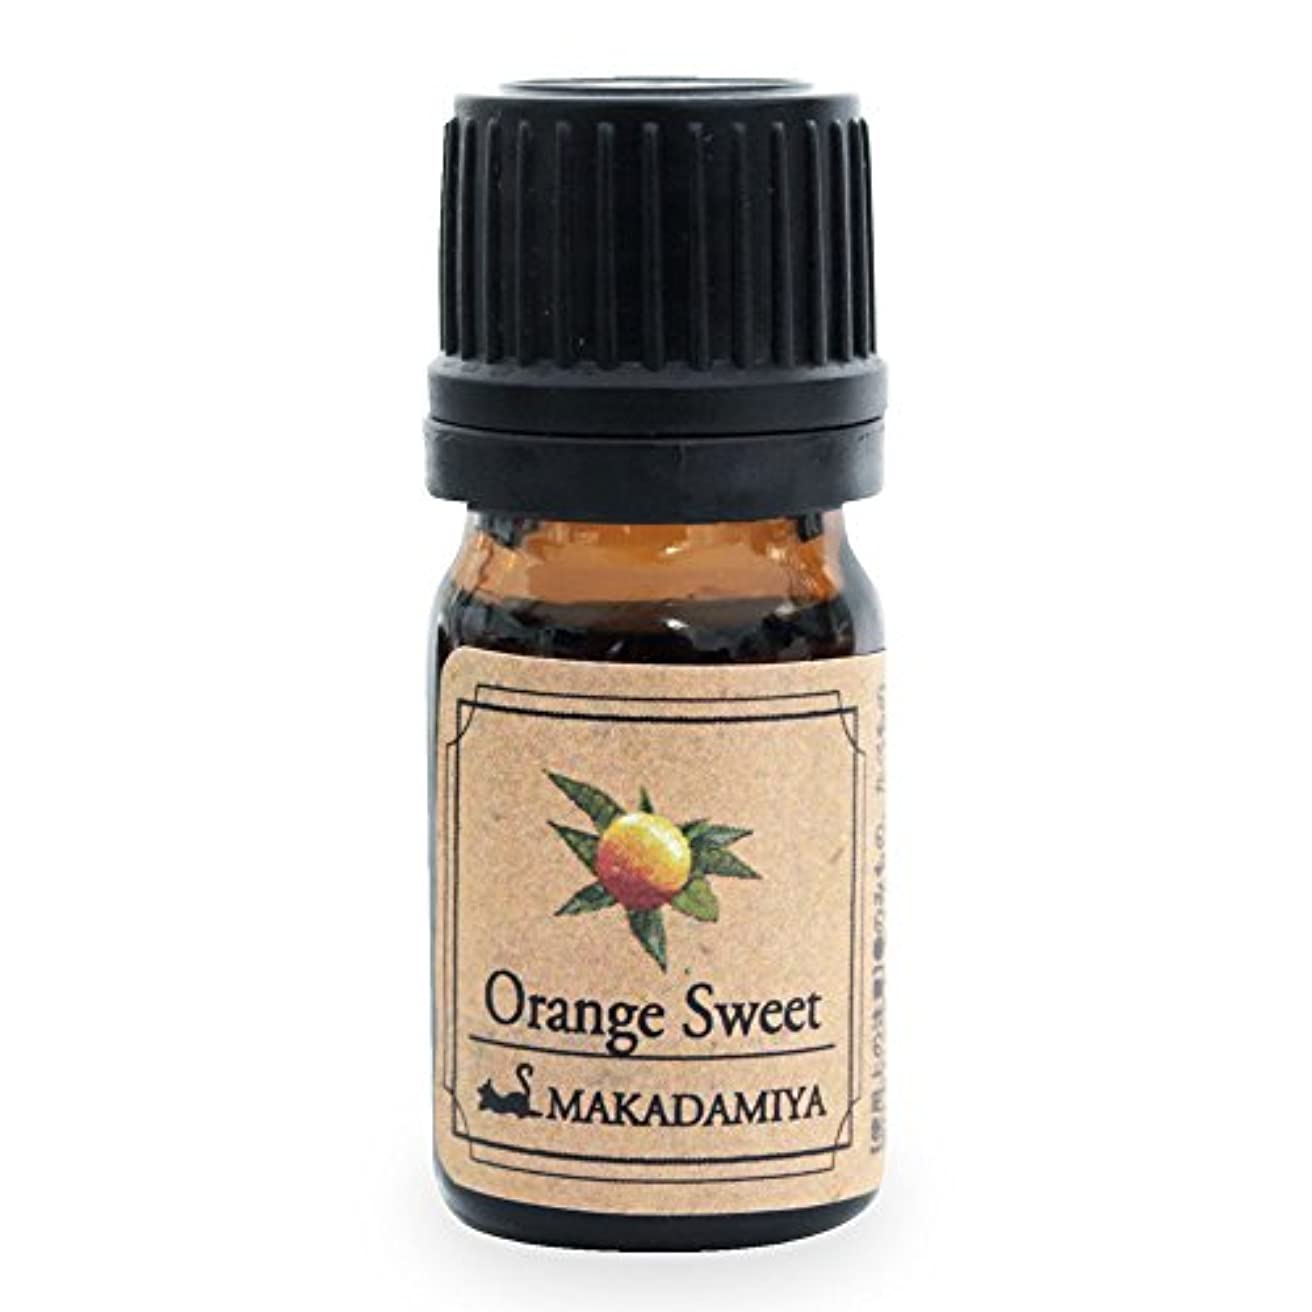 マウントメカニック同情オレンジ?スイート5ml 天然100%植物性 エッセンシャルオイル(精油) アロマオイル アロママッサージ aroma Orange Sweet